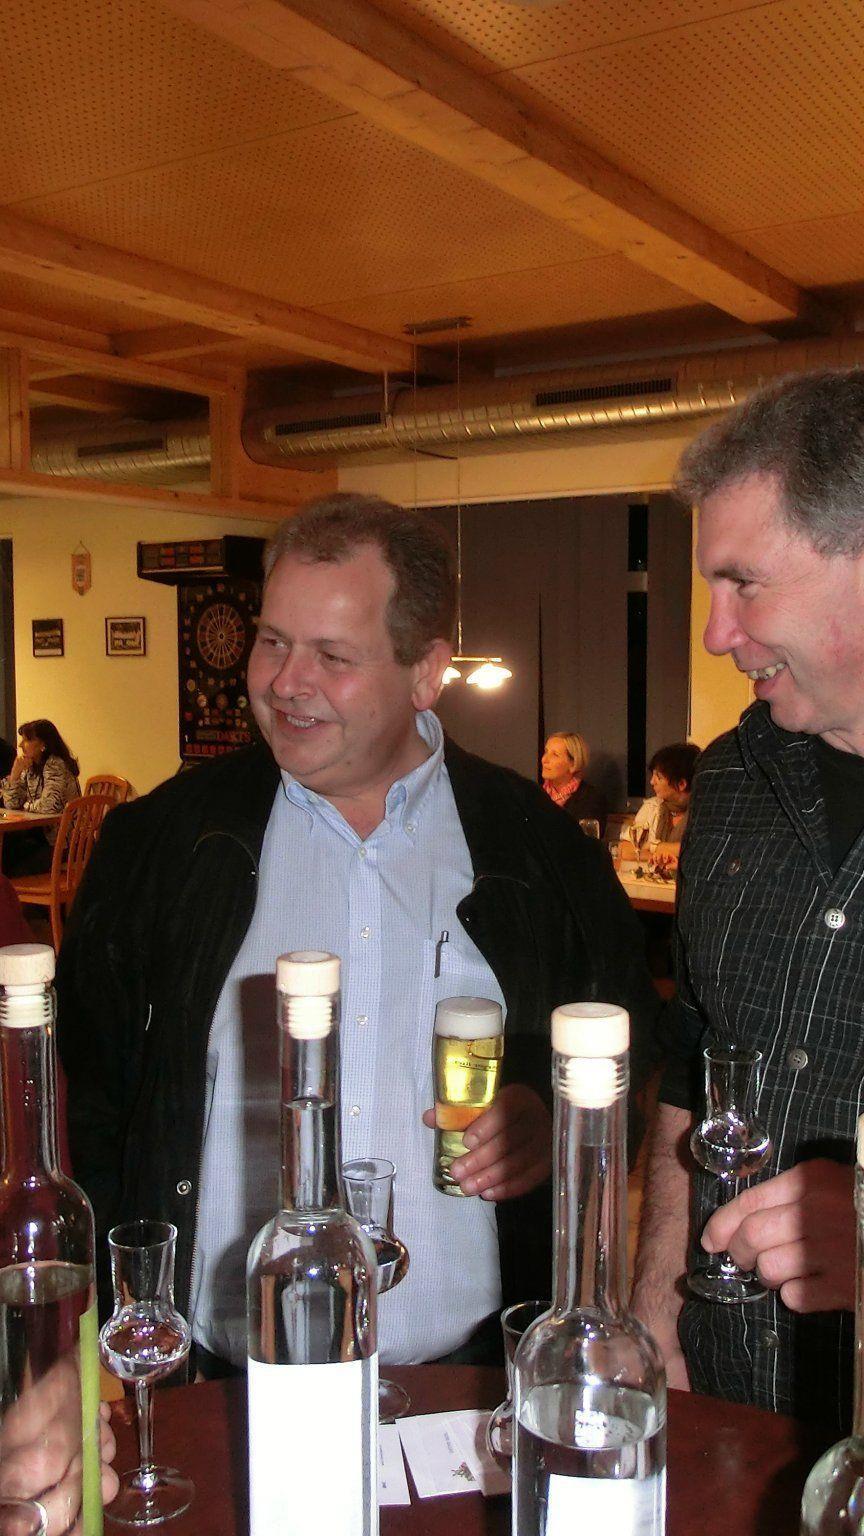 Sponsorenabend im VfB Clubheim war ein großer Erfolg.